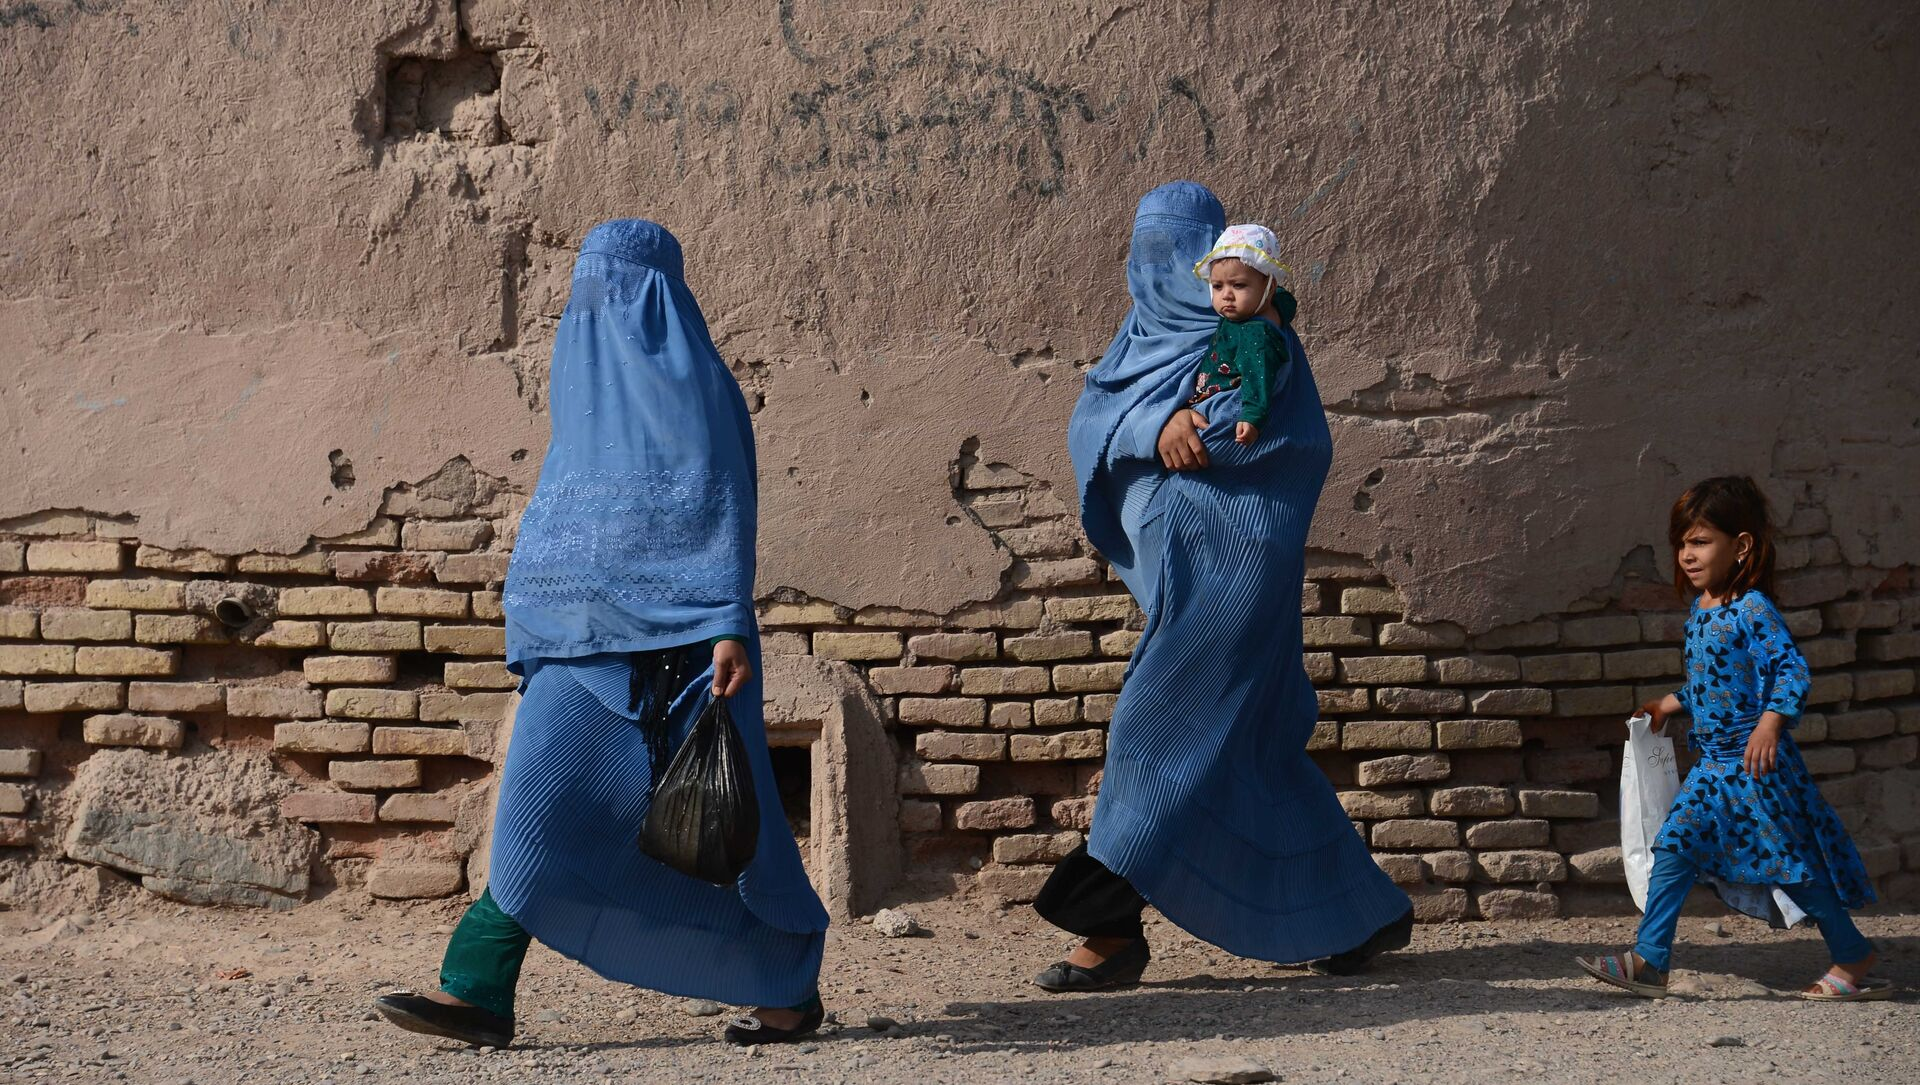 Femmes afghanes - Sputnik France, 1920, 26.08.2021